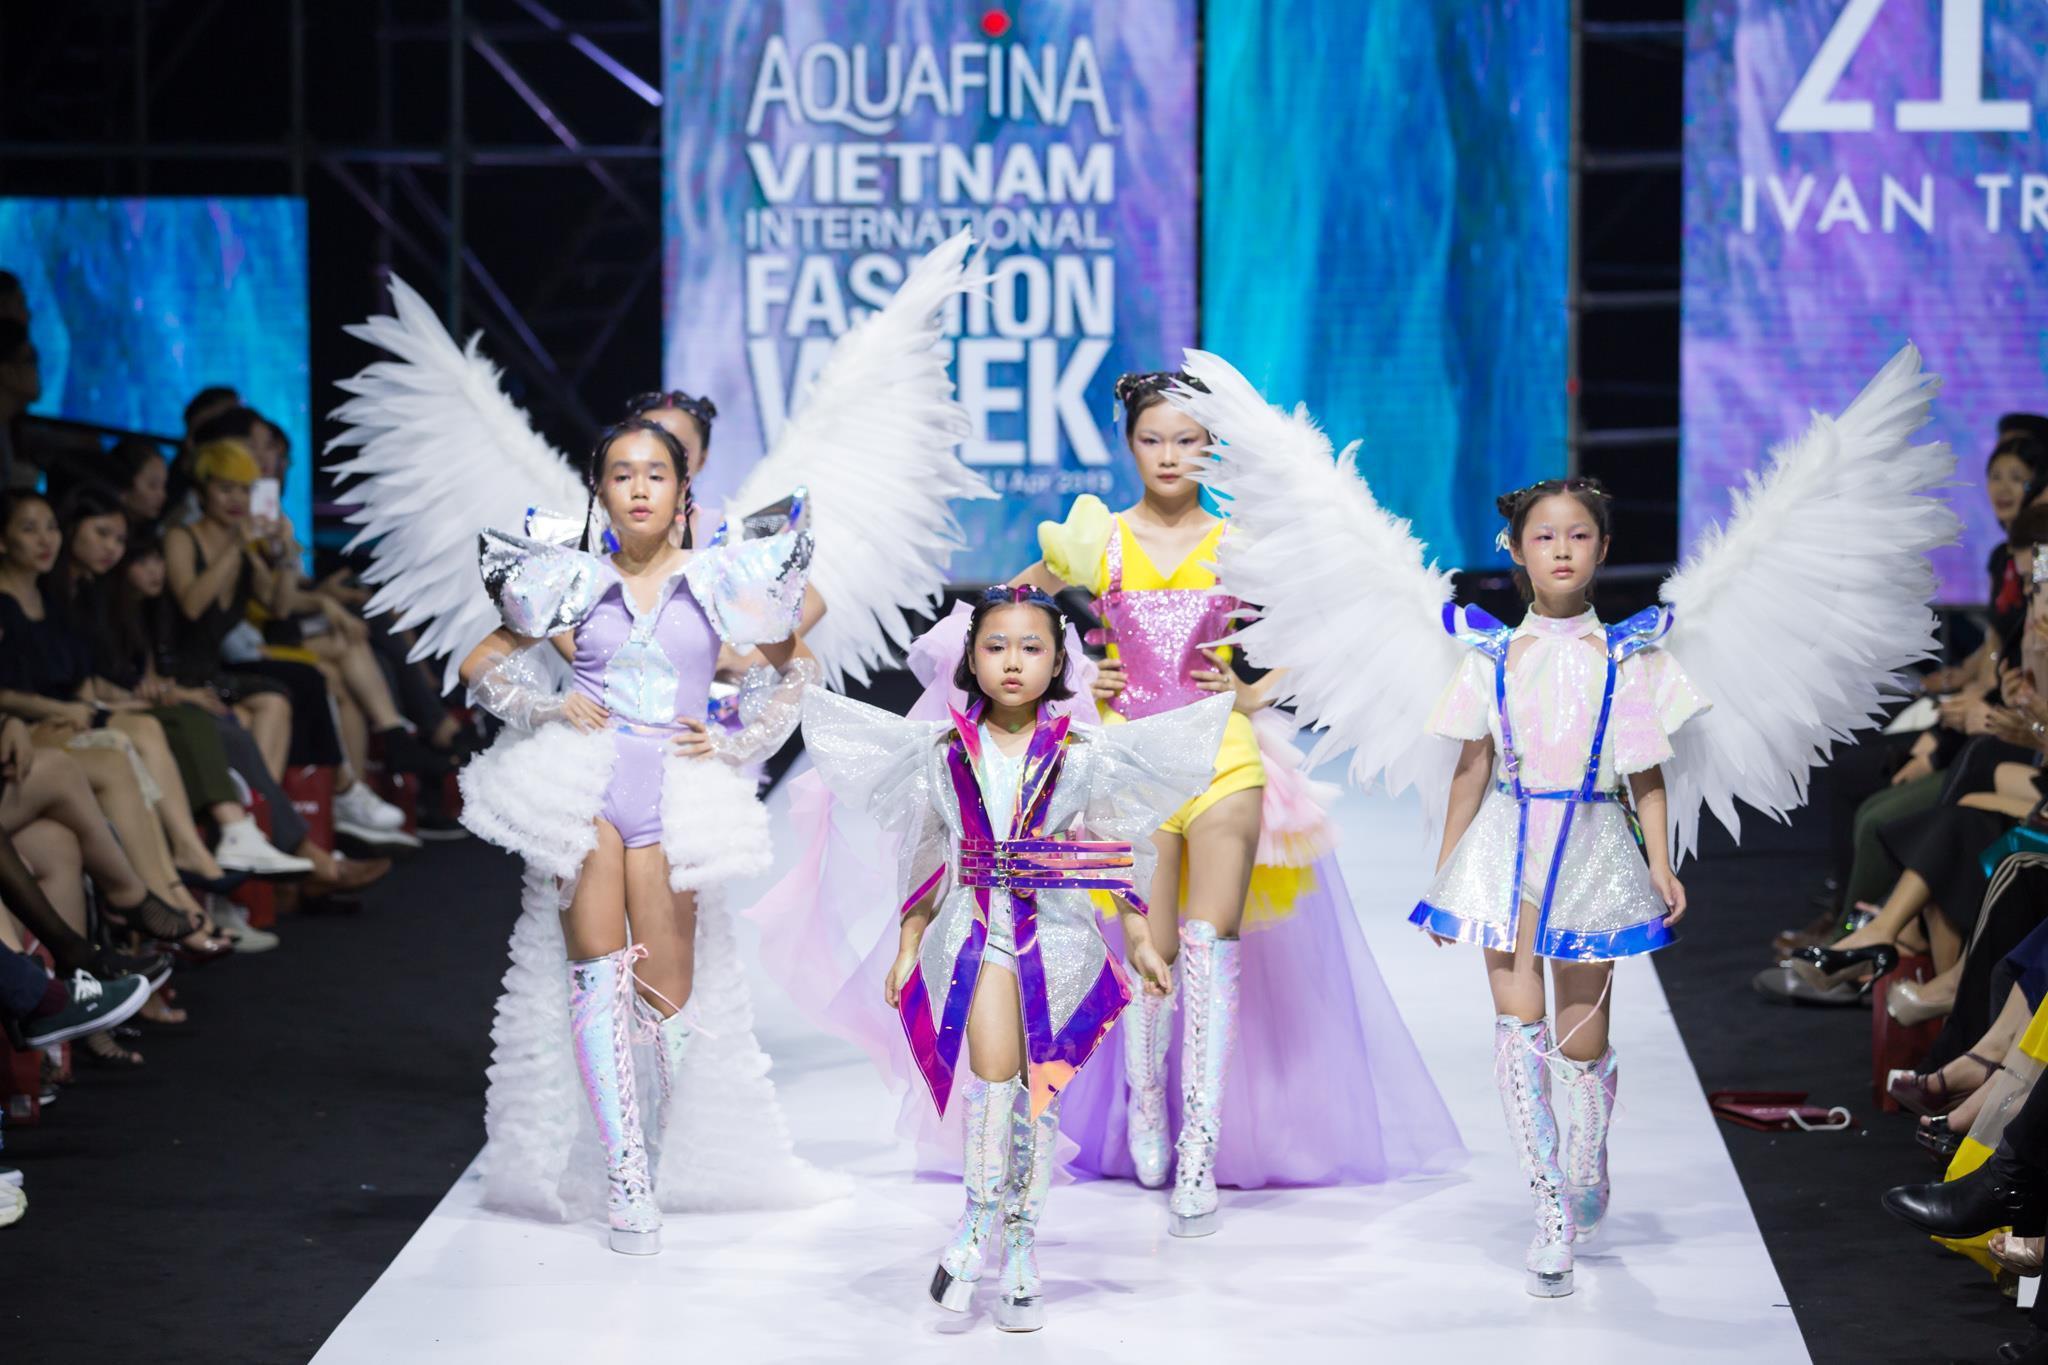 Ivan Trần 'trẻ thơ hóa' sàn diễn Aquafina VIFW mùa thứ 9 Ảnh 1